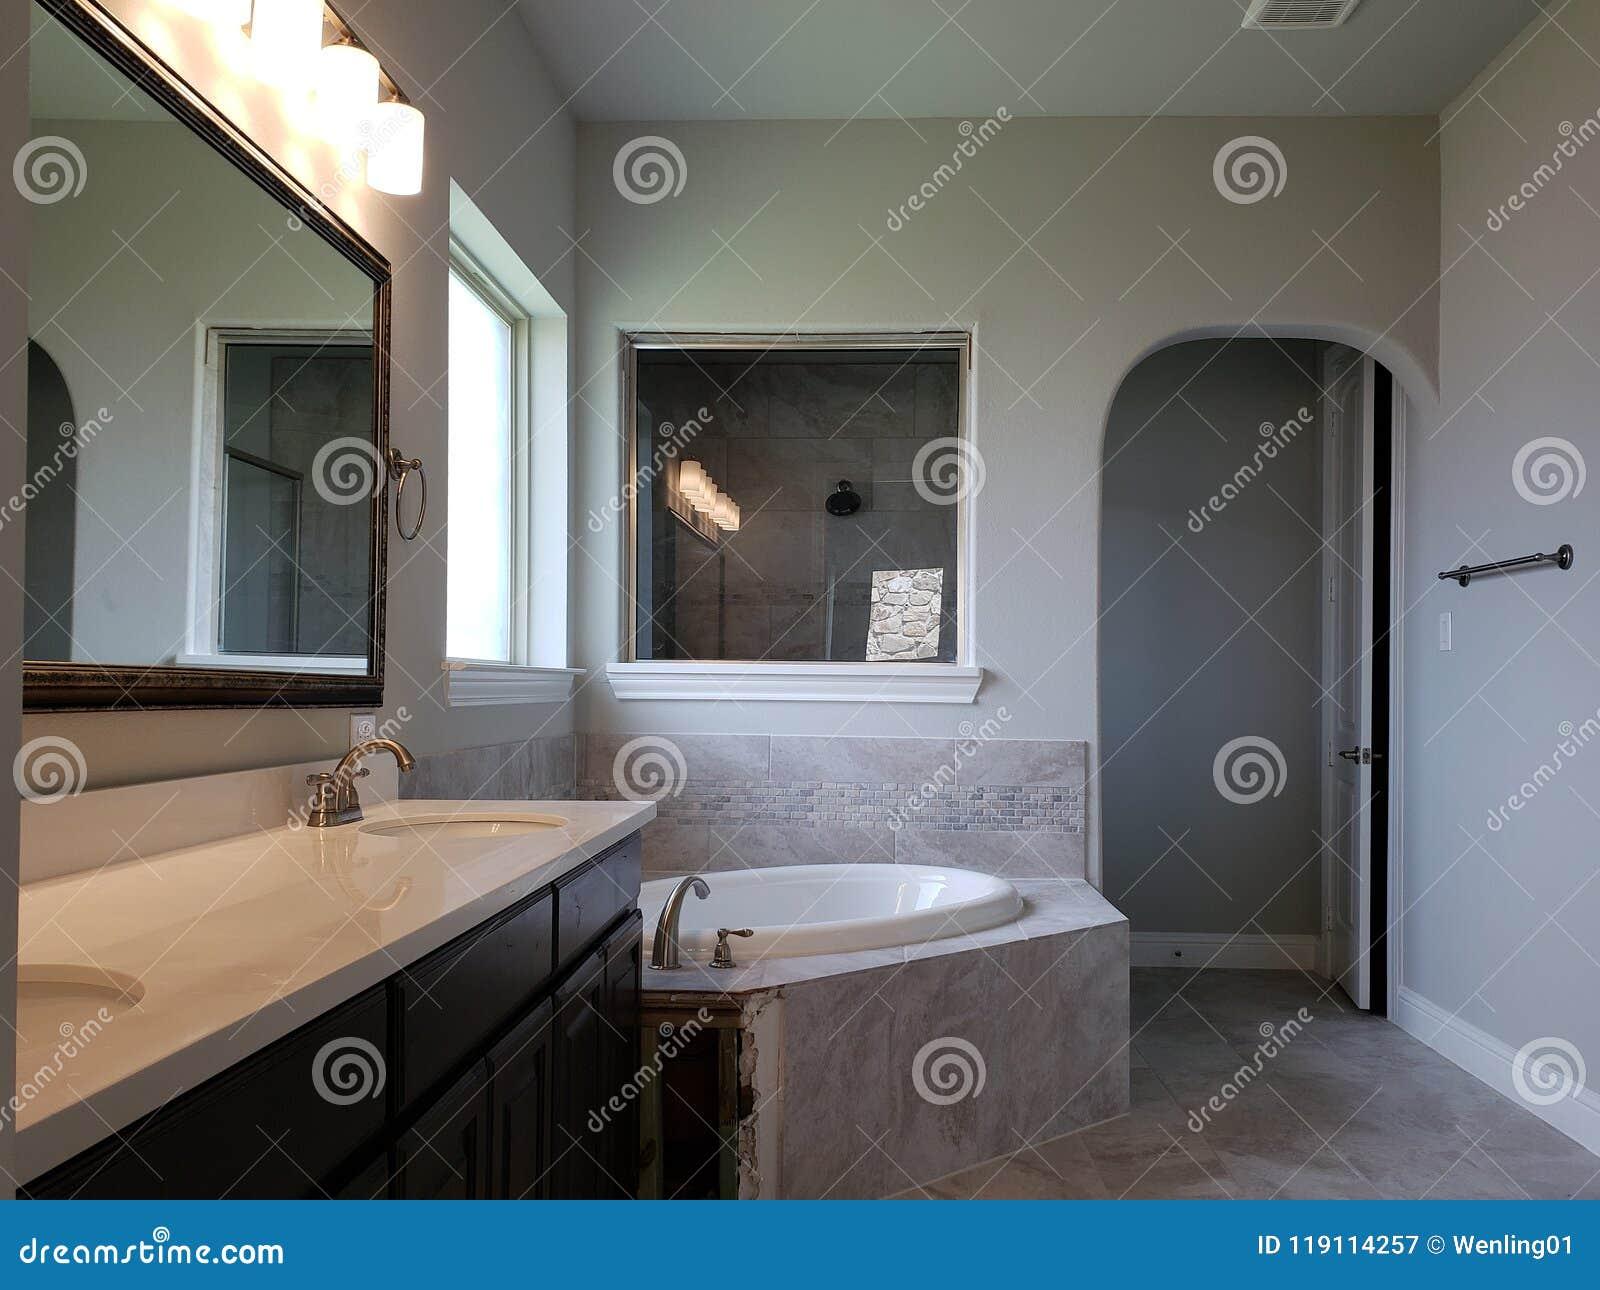 Diseño De La Bañera Del Fregadero Del Cuarto De Baño En Una ...